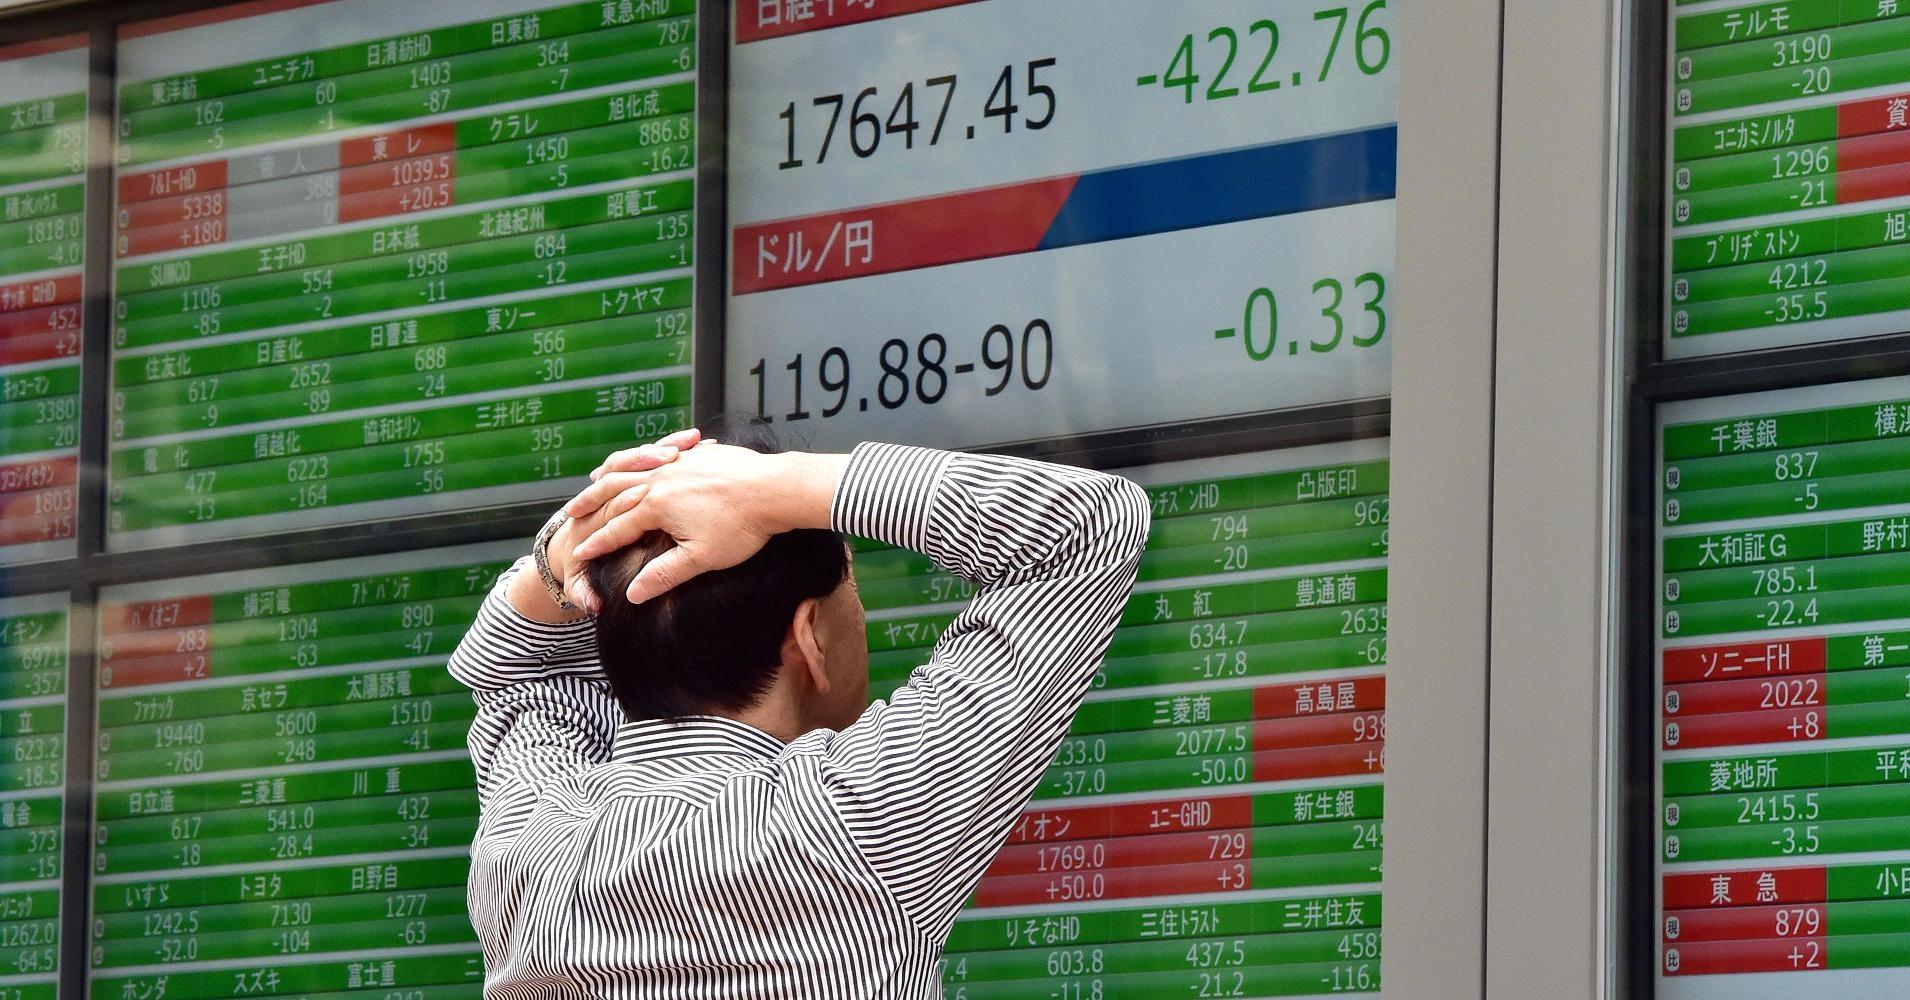 تراجع مؤشر نيكي 0.08% في تعاملات بورصة طوكيو